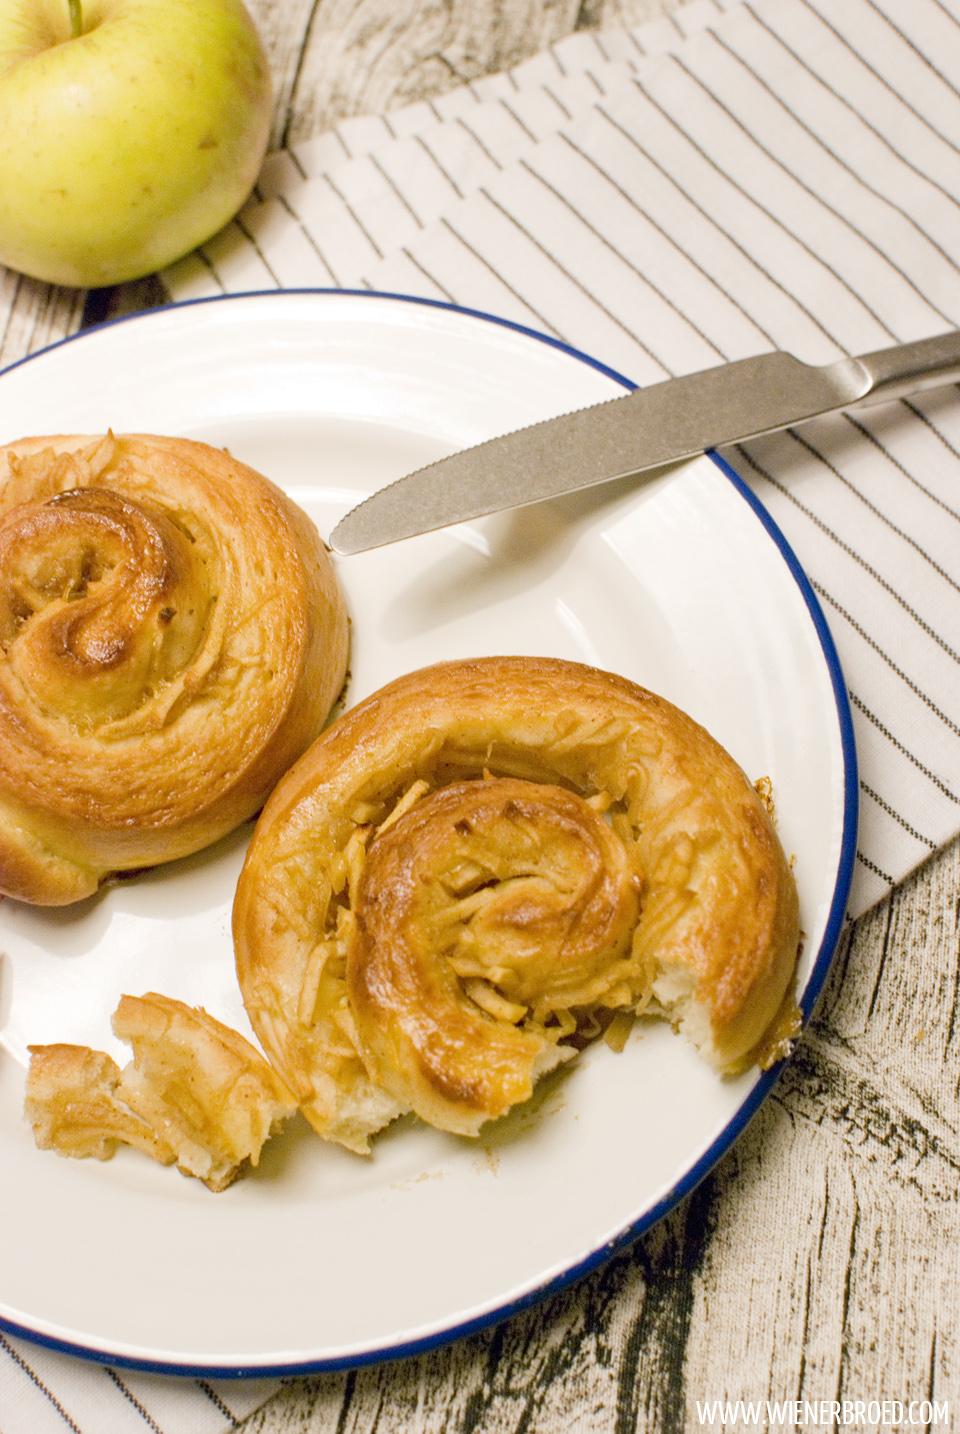 Apfel-Zimt-Schnecken / Apple cinnamon buns [wienerbroed.com]